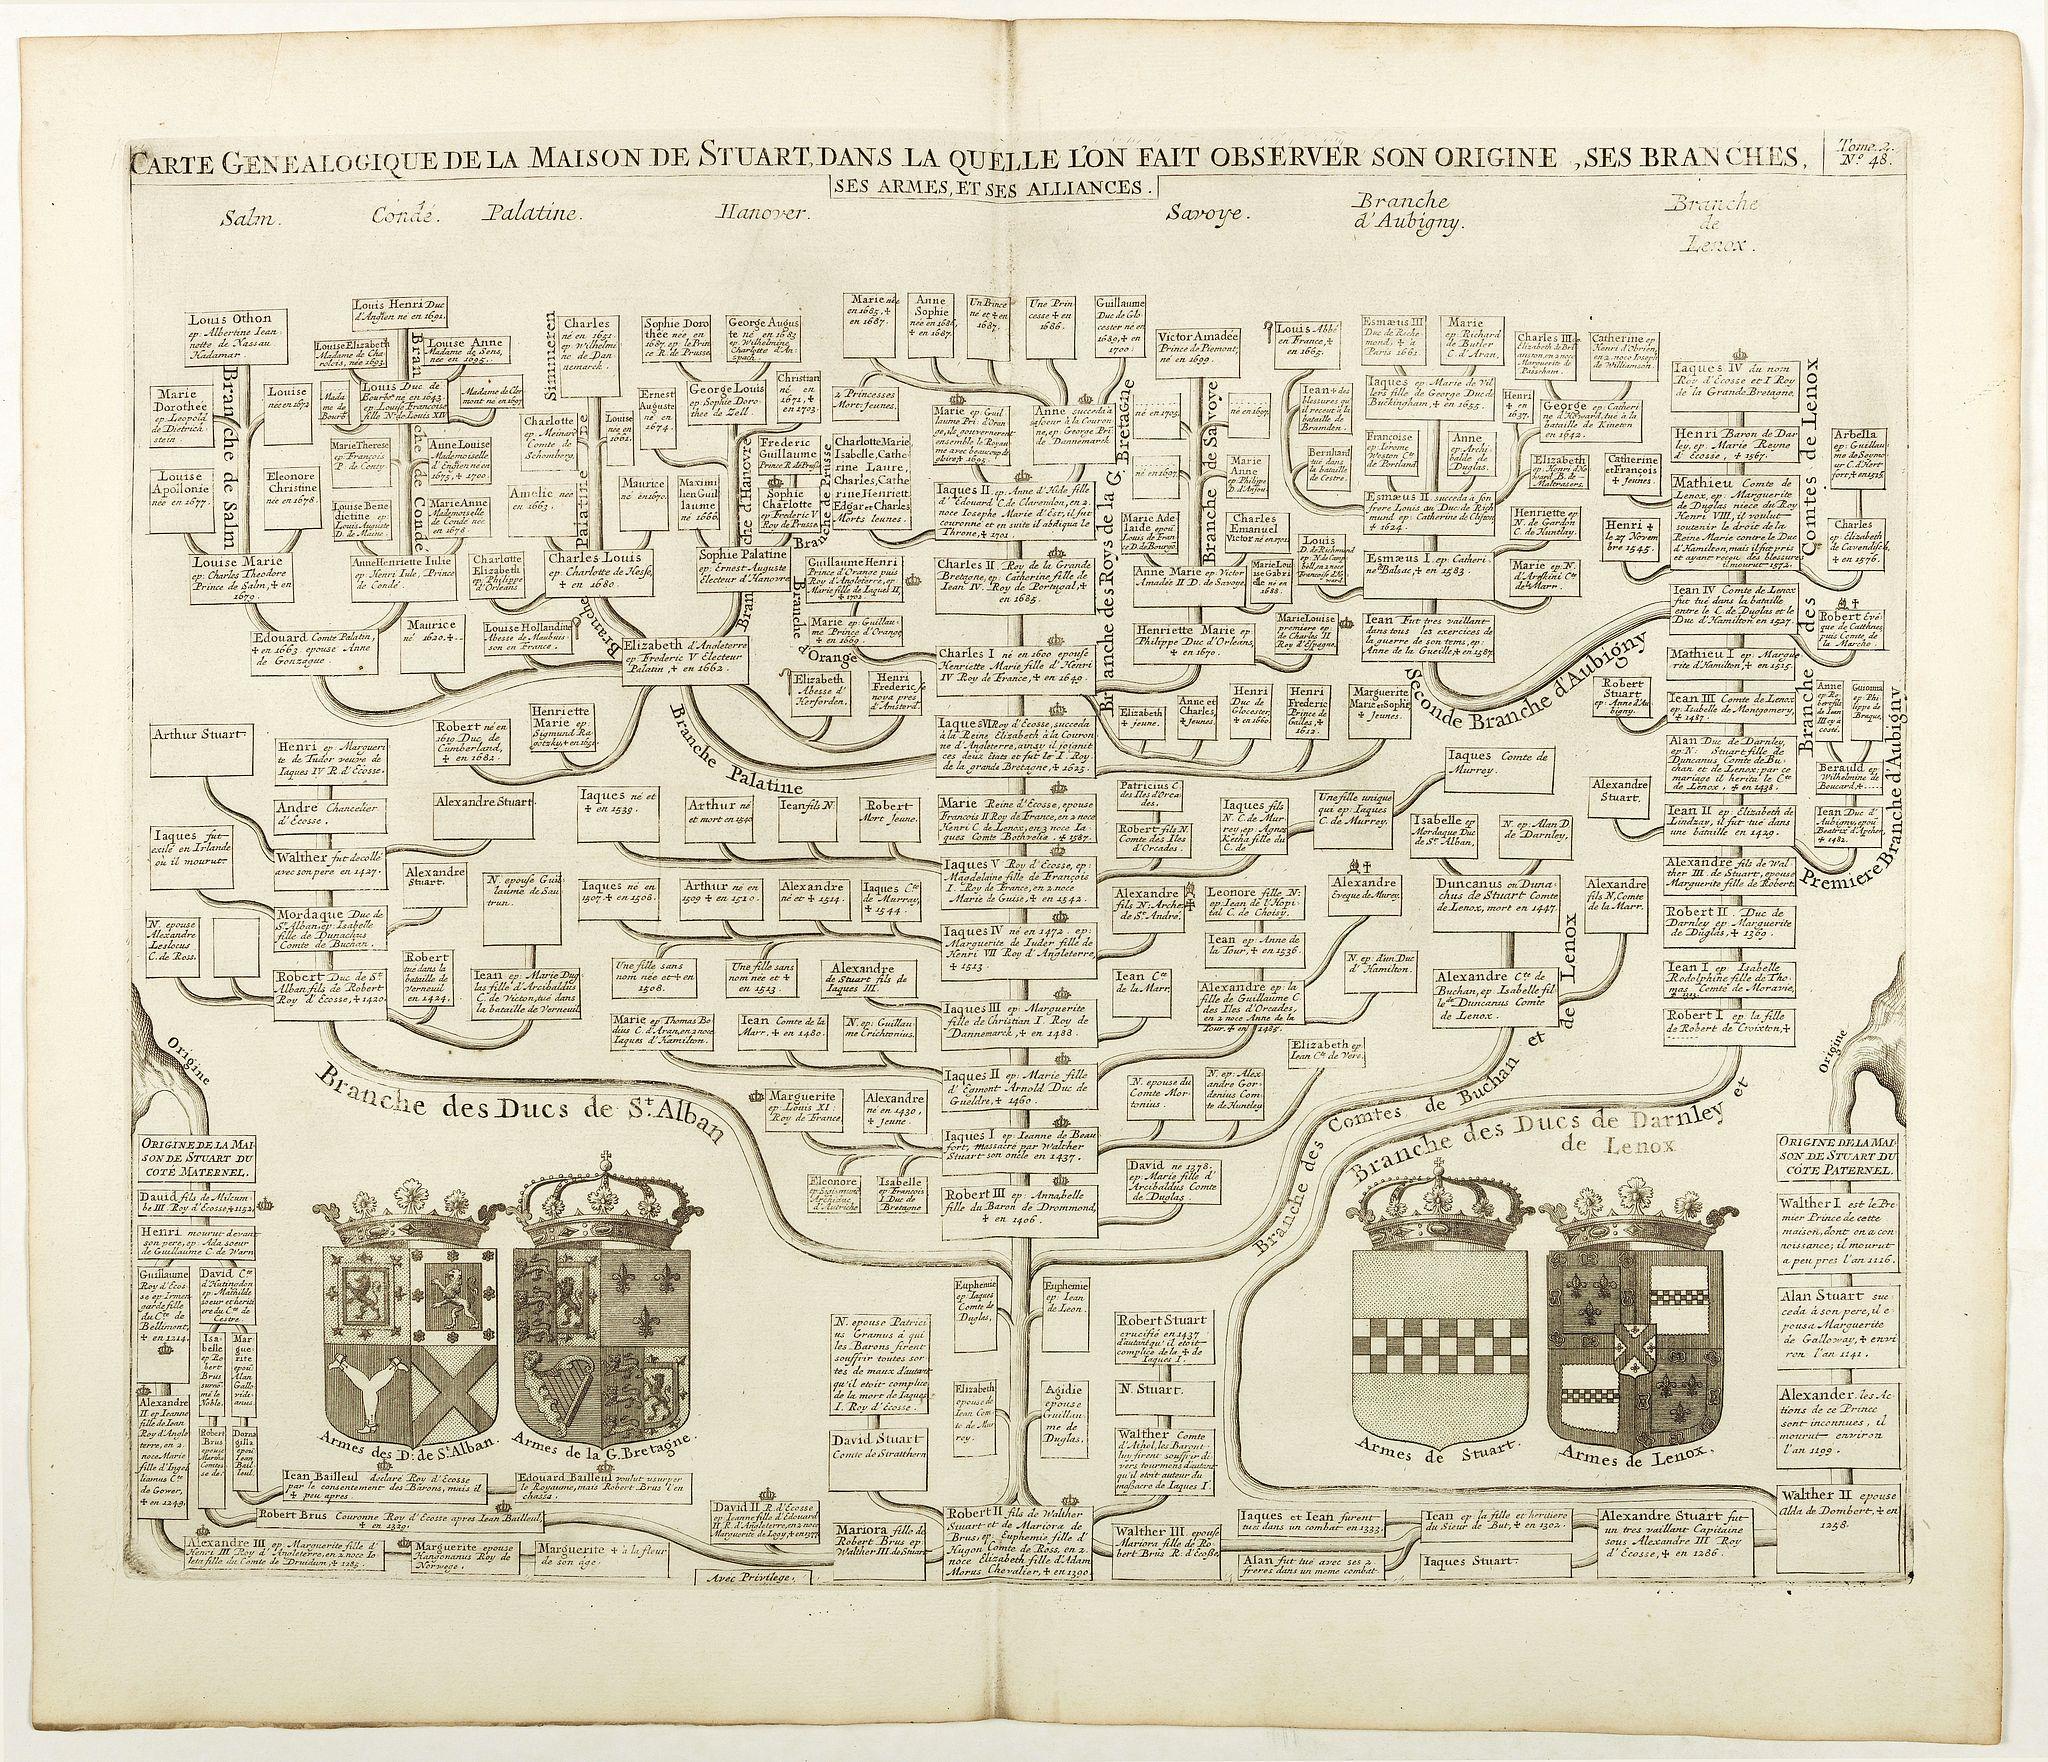 CHATELAIN,H. -  Carte Genealogique De La Maison De Stuart, Dans La Quelle L'On Fait Observer Son Origine, Ses Branches.